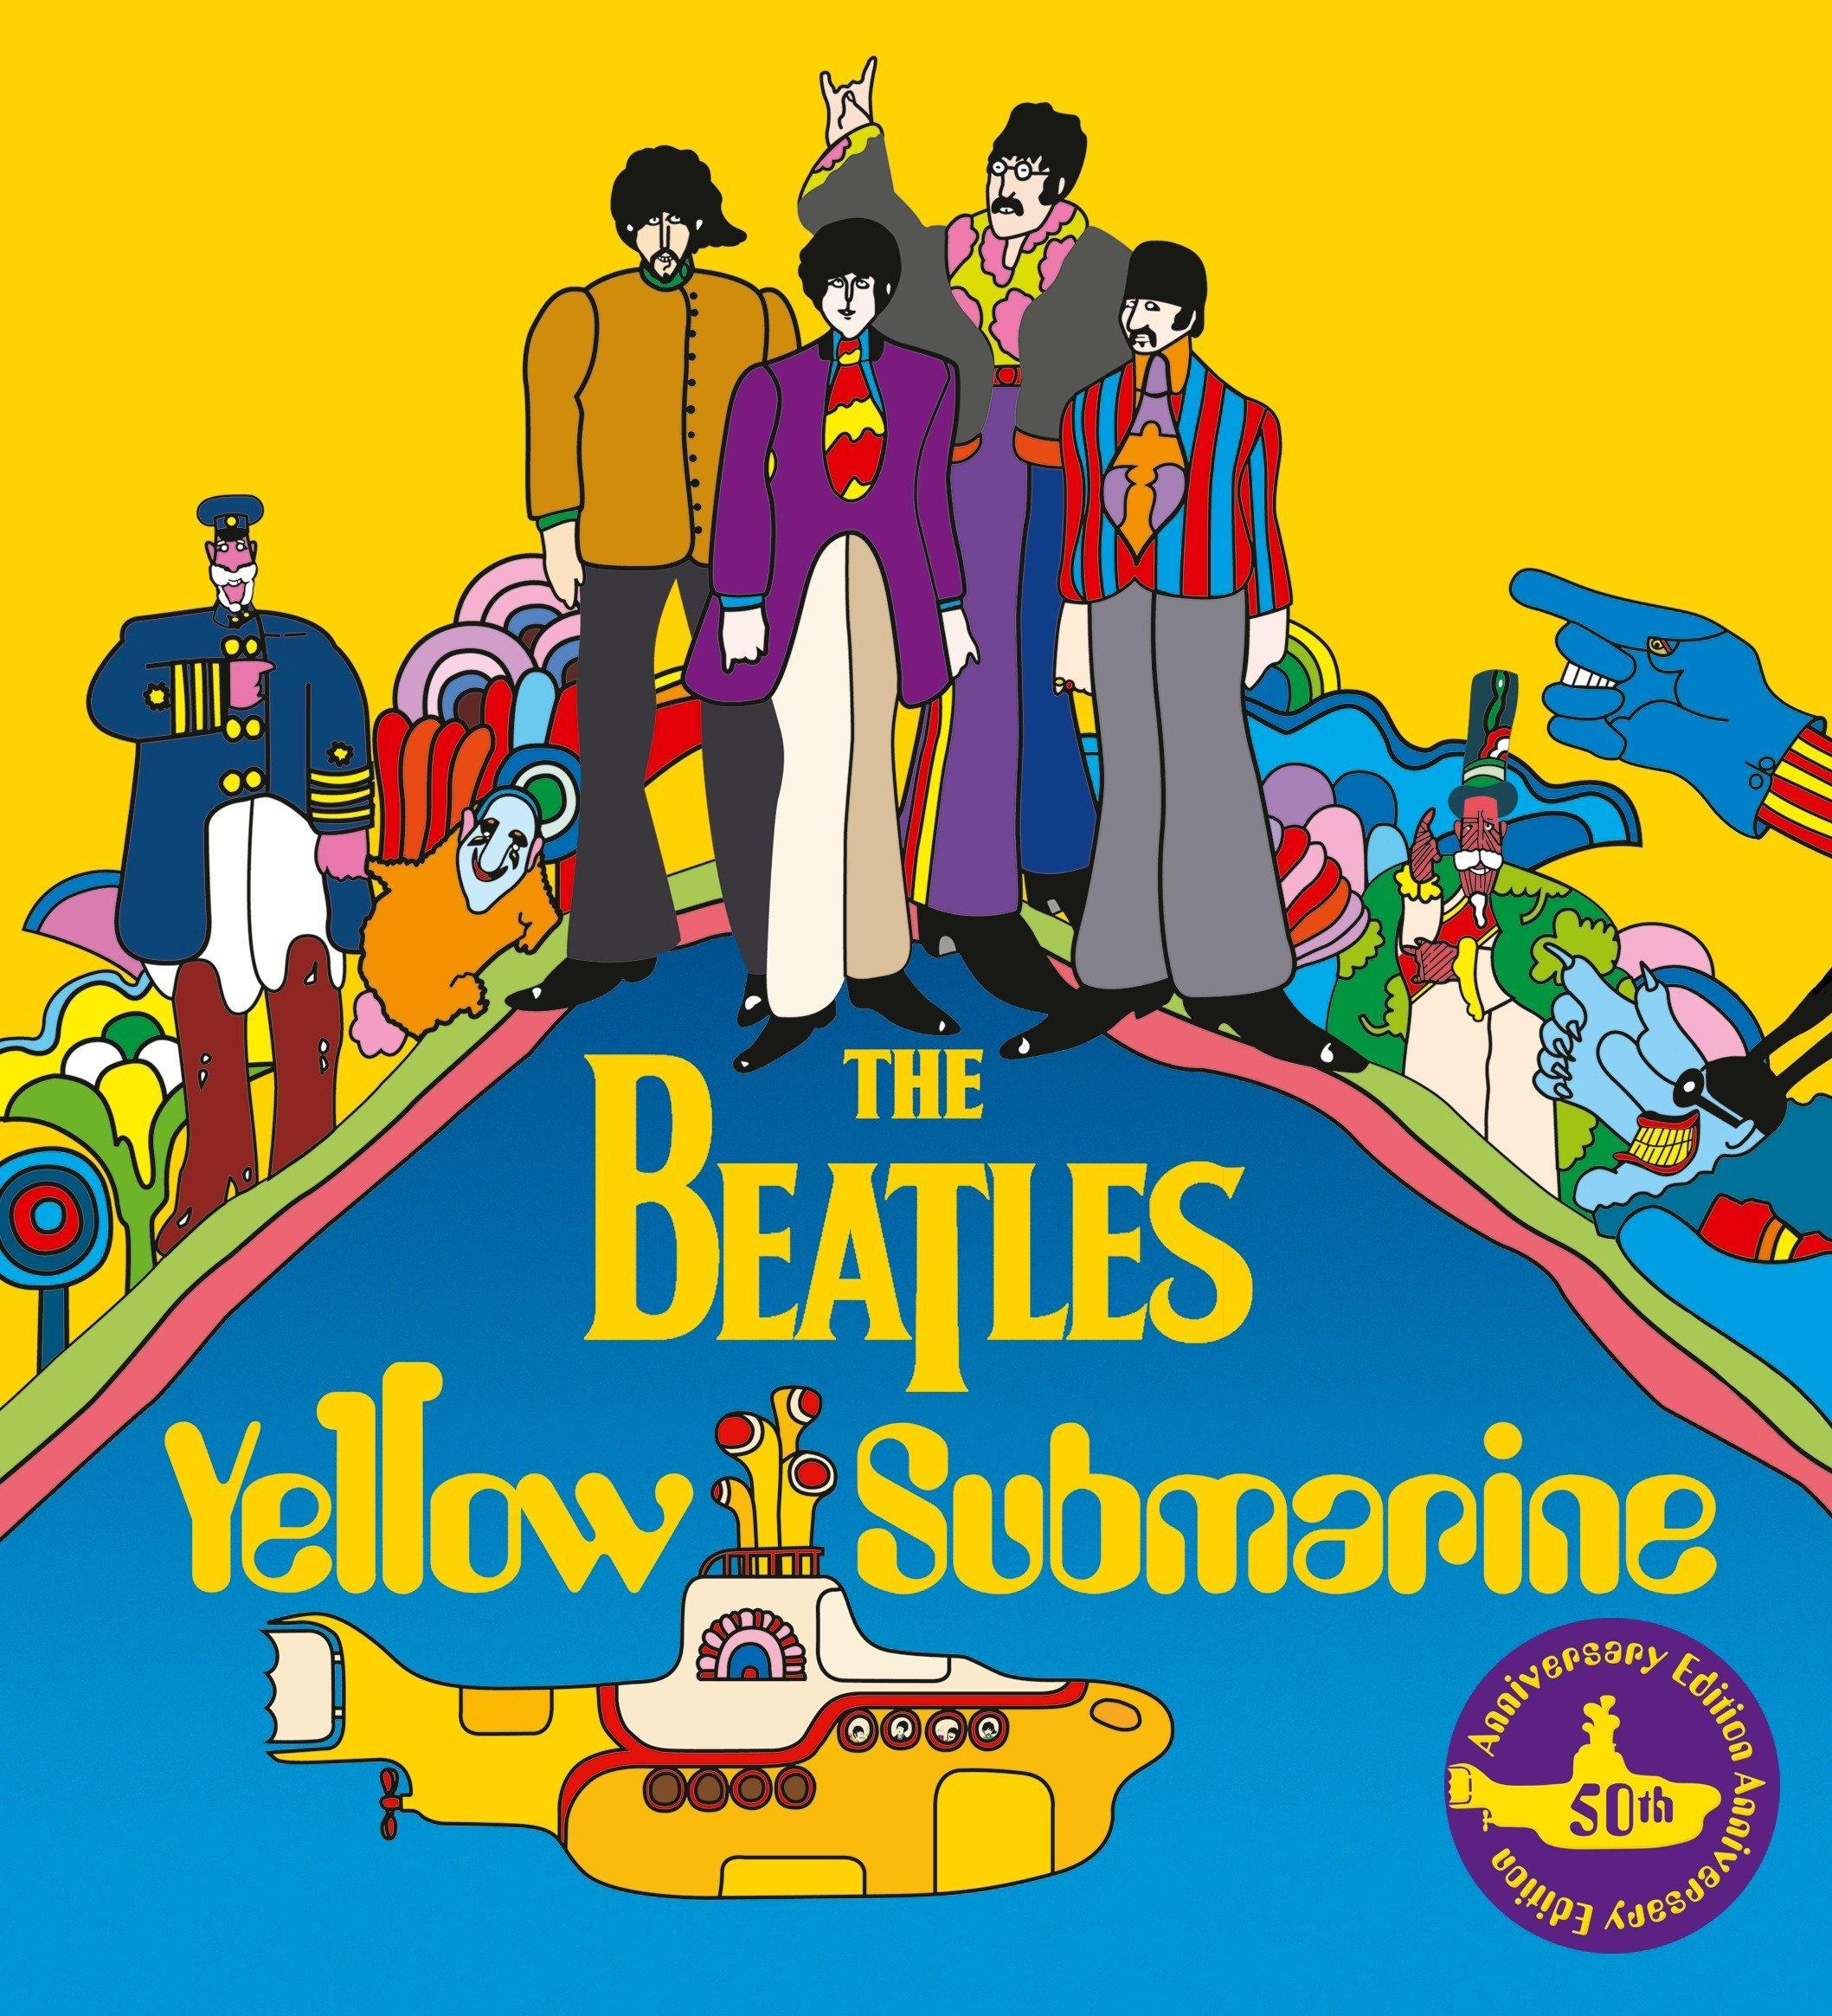 The Yellow Submarine (Verse)